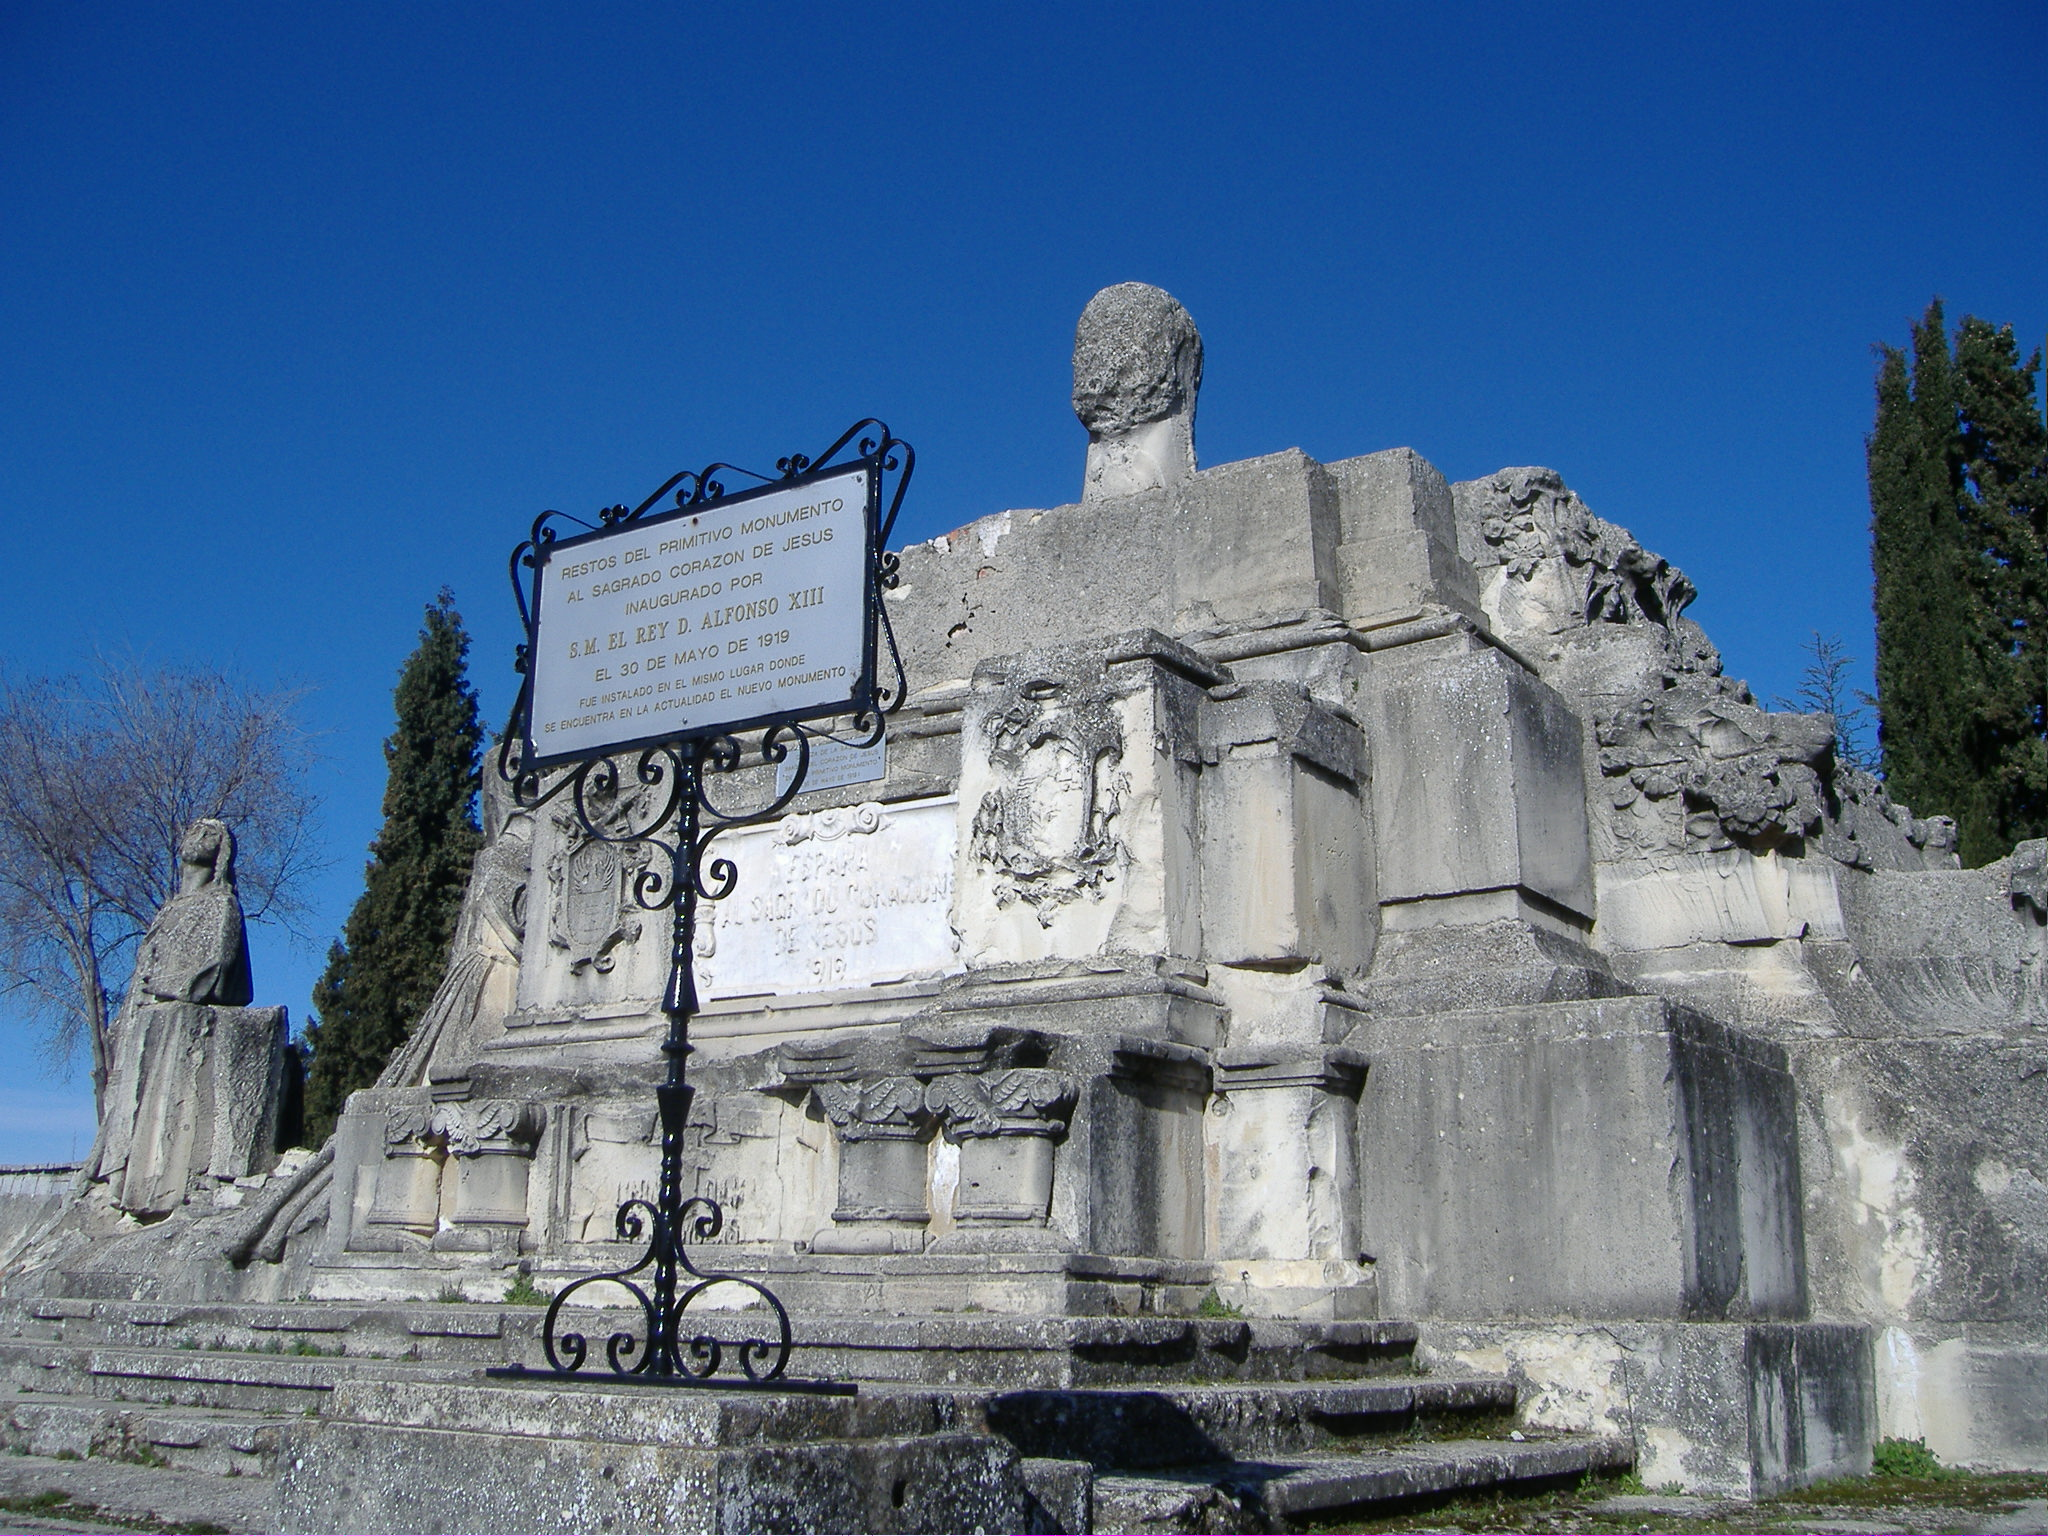 El monumento original tal y como se conserva y exhibe en la actualidad